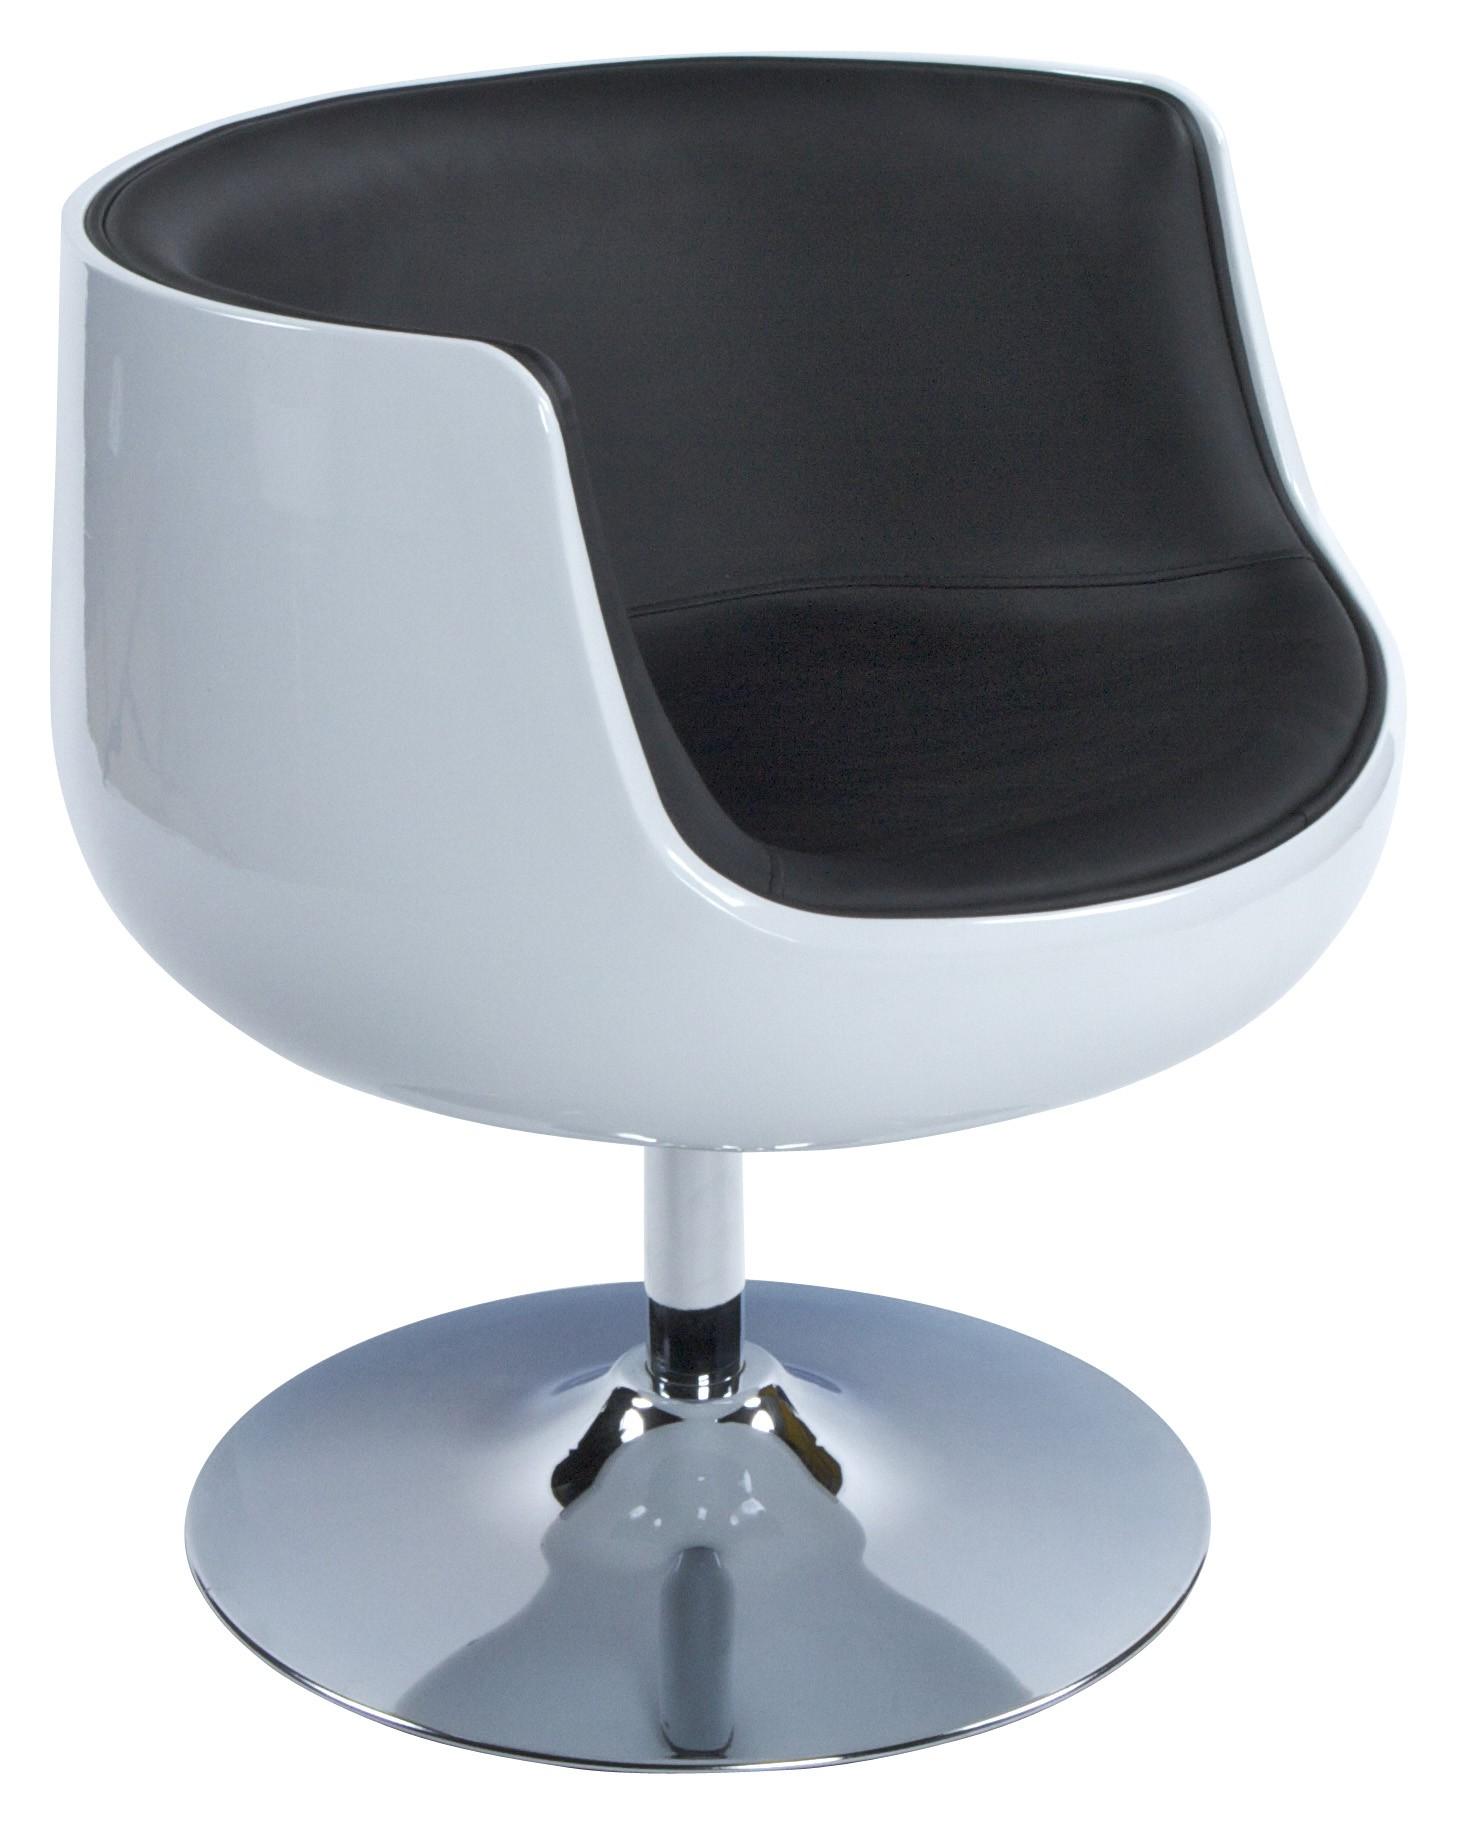 kode fauteuil coque boule blanc et noir pivotant delorm design